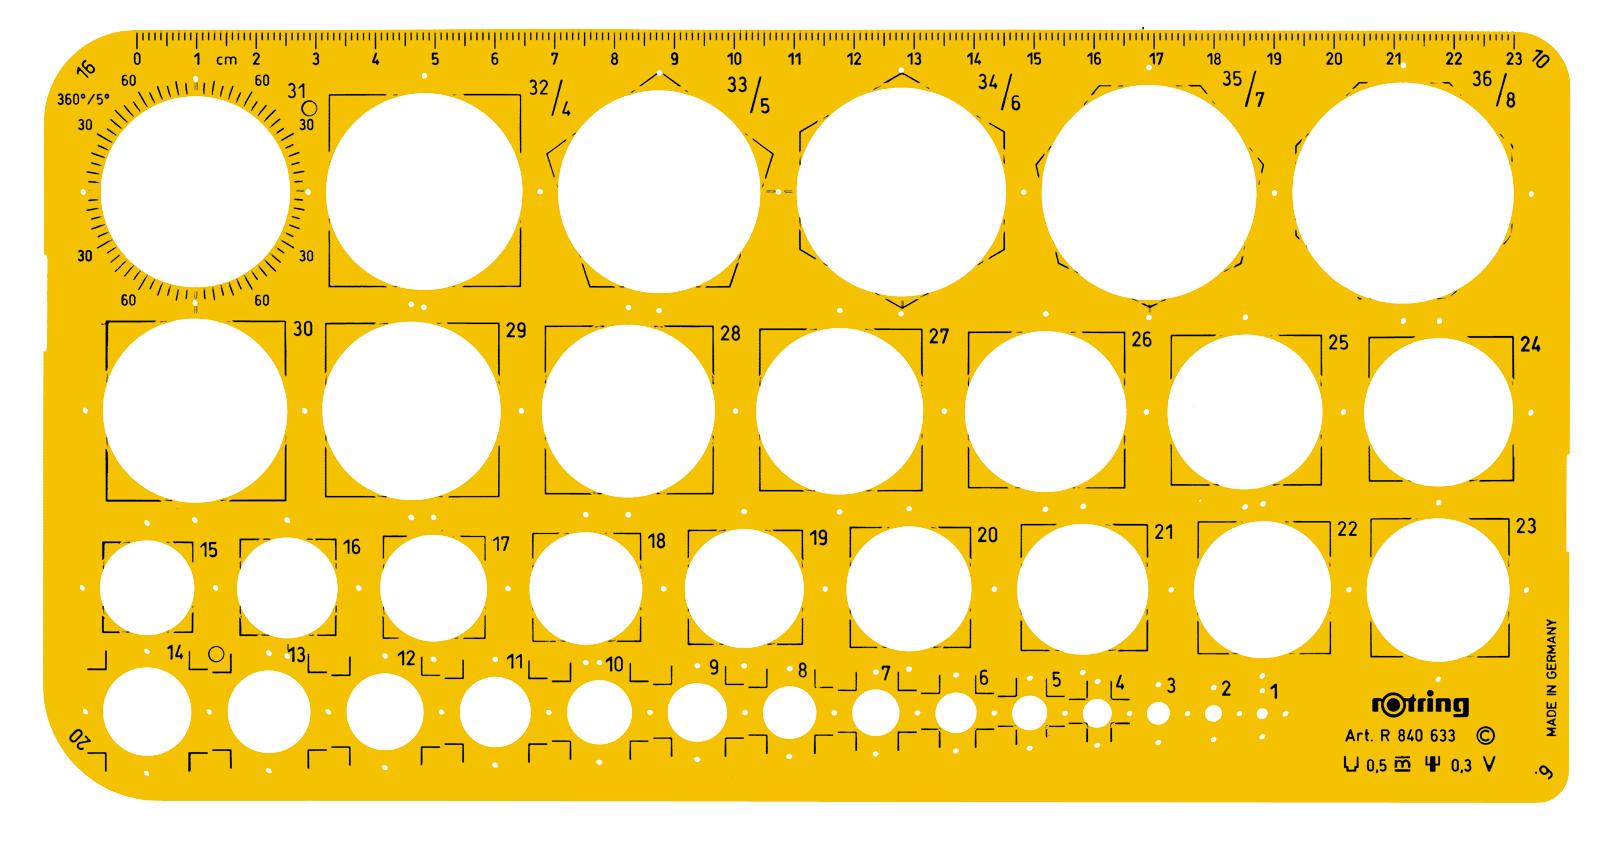 Sablon pentru cercuri 1-36mm ROTRING